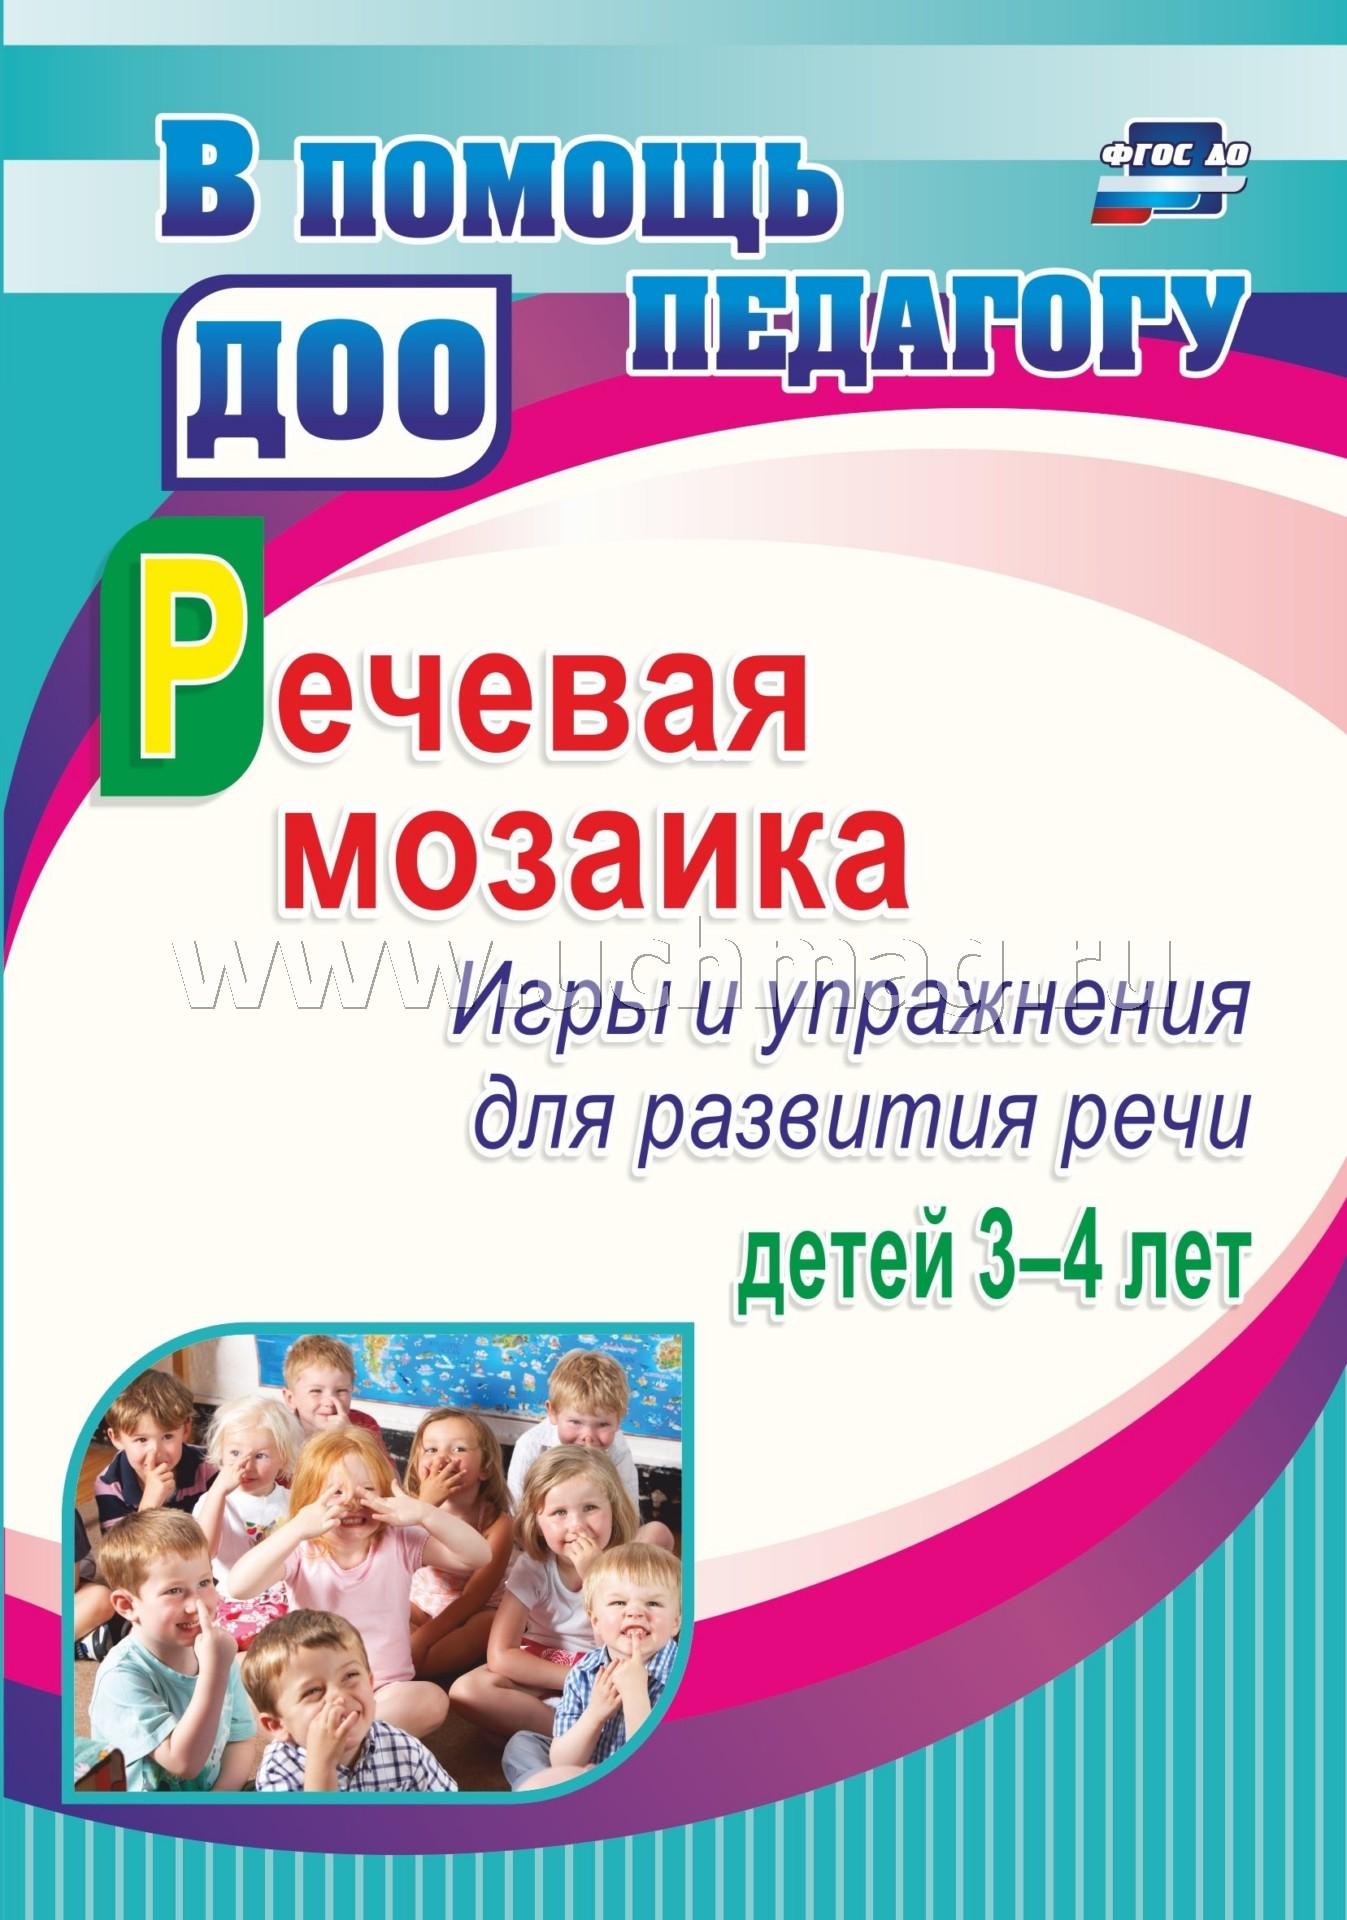 Романович. Речевая мозаика. Игры и упражнения для развития речи детей 3-4 лет. (ФГОС ДО)